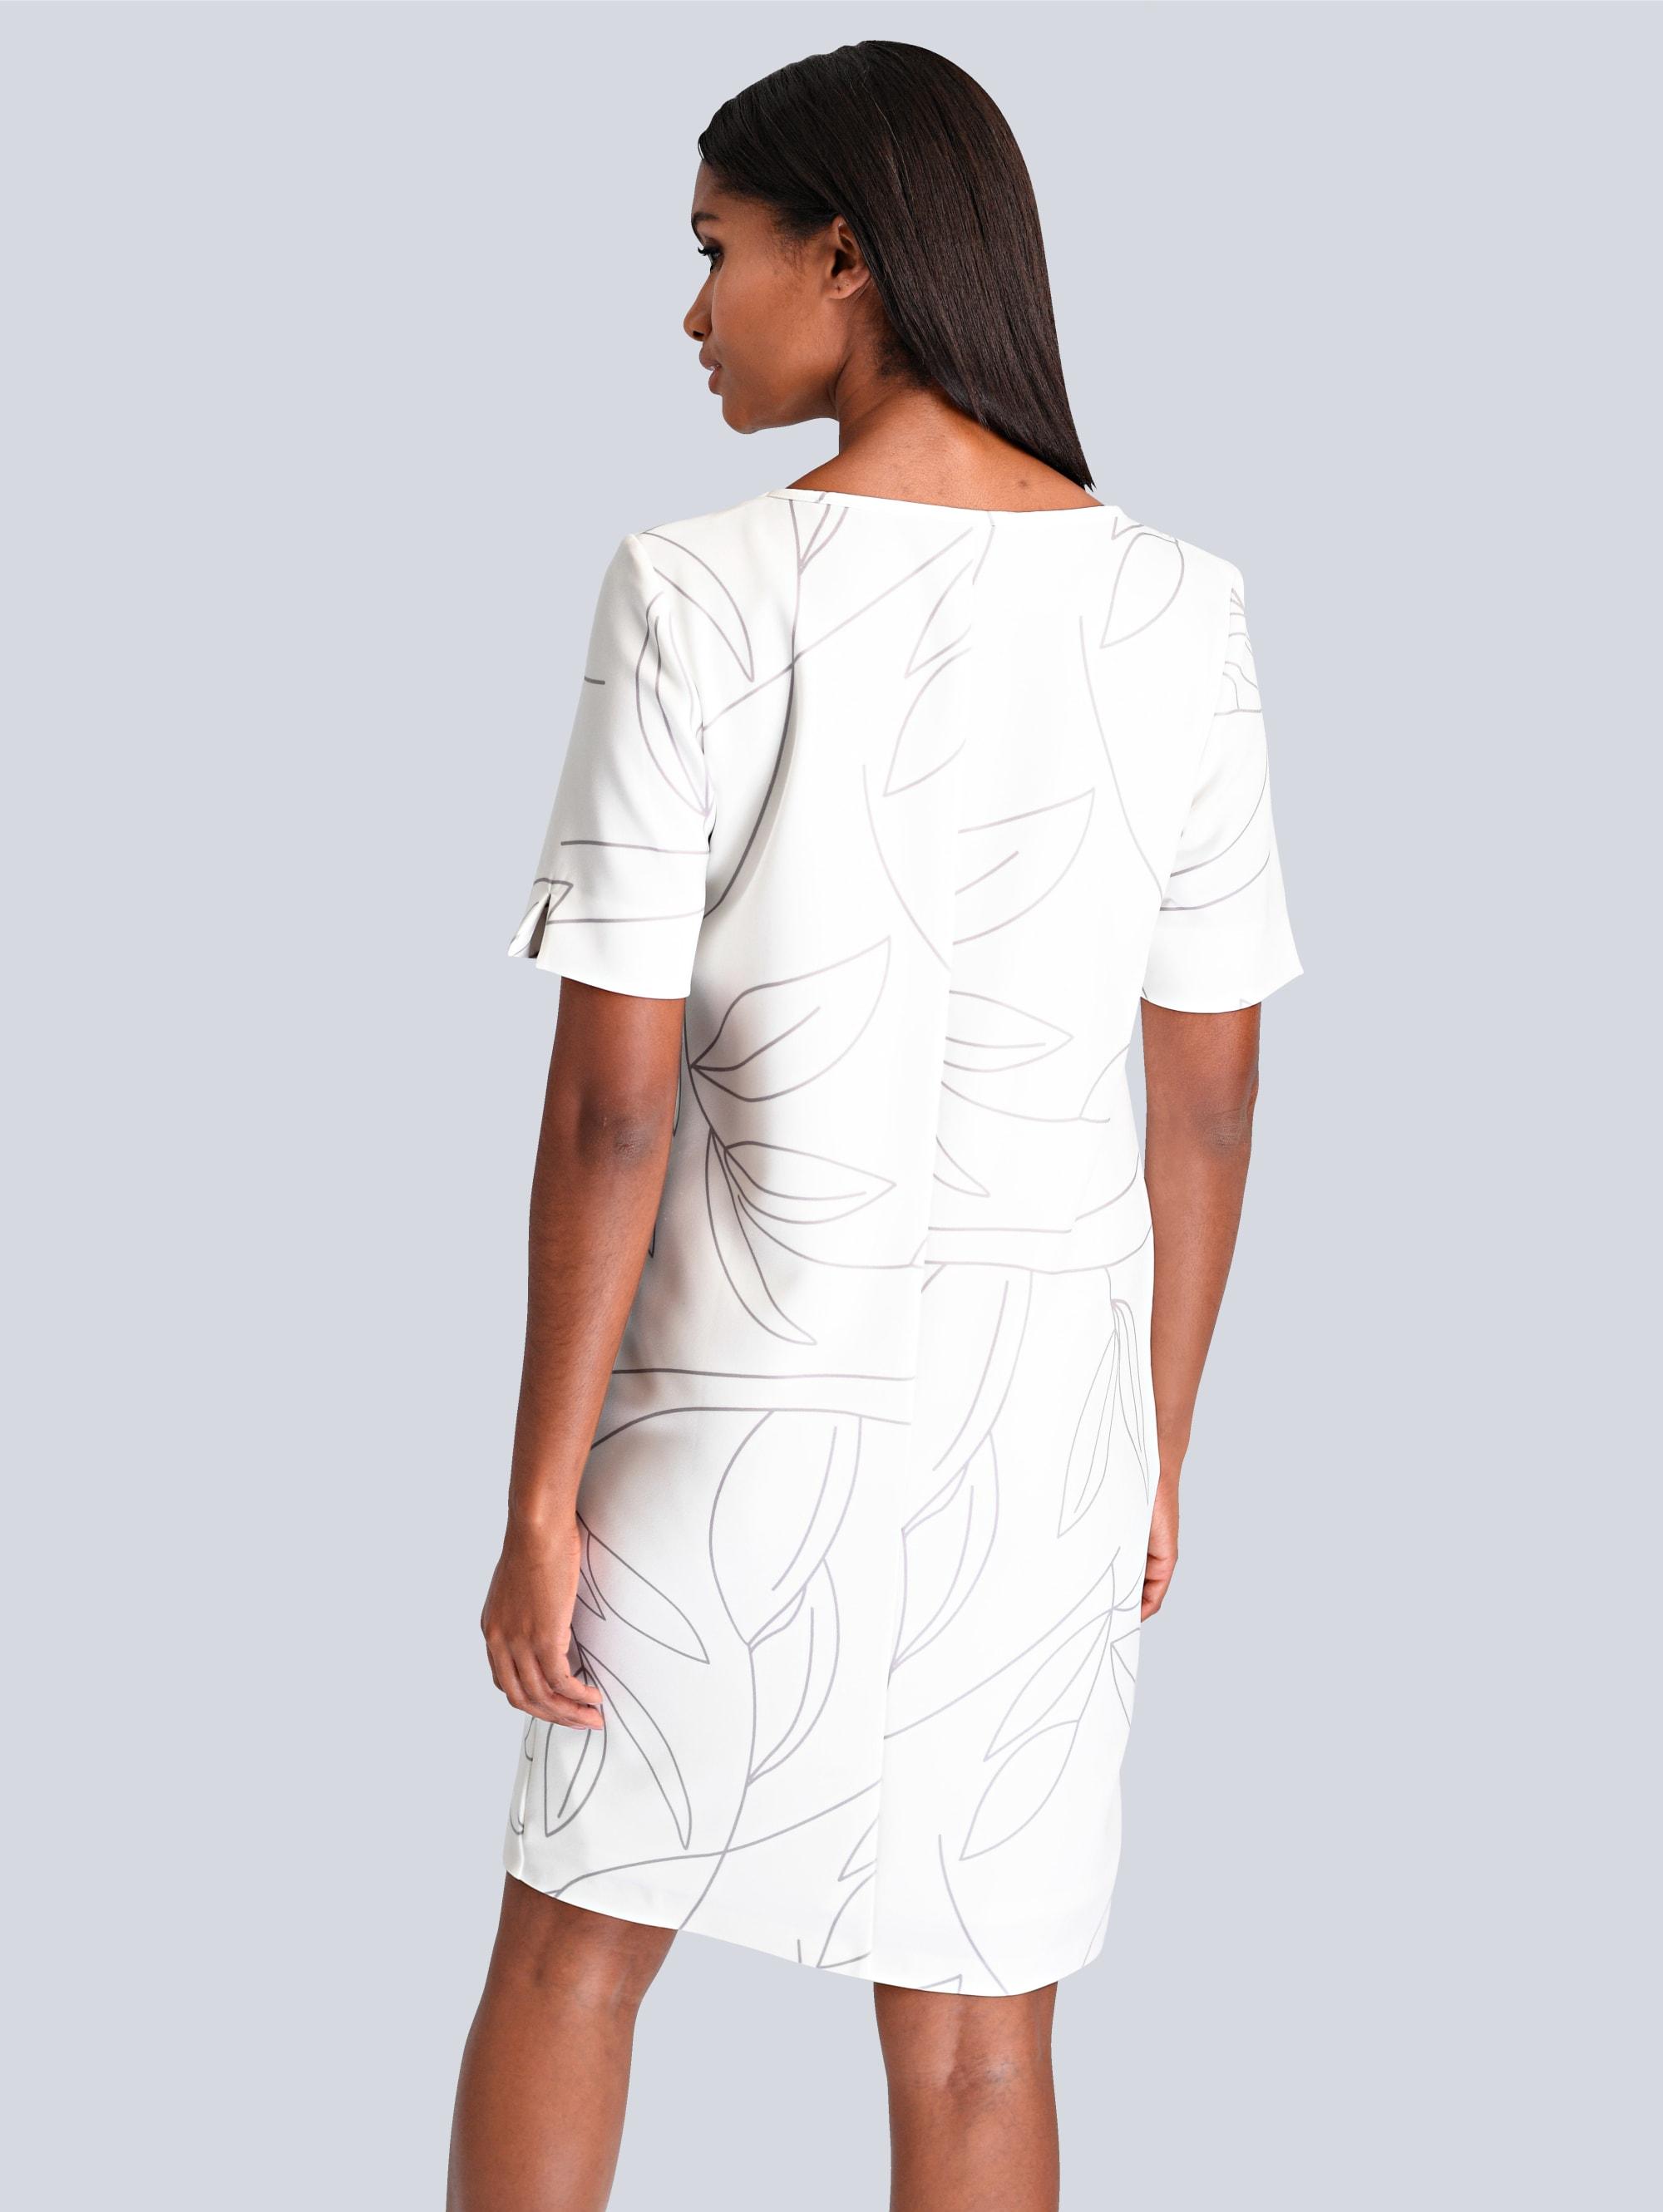 Alba Moda Kleid in Creme-Weiß günstig kaufen